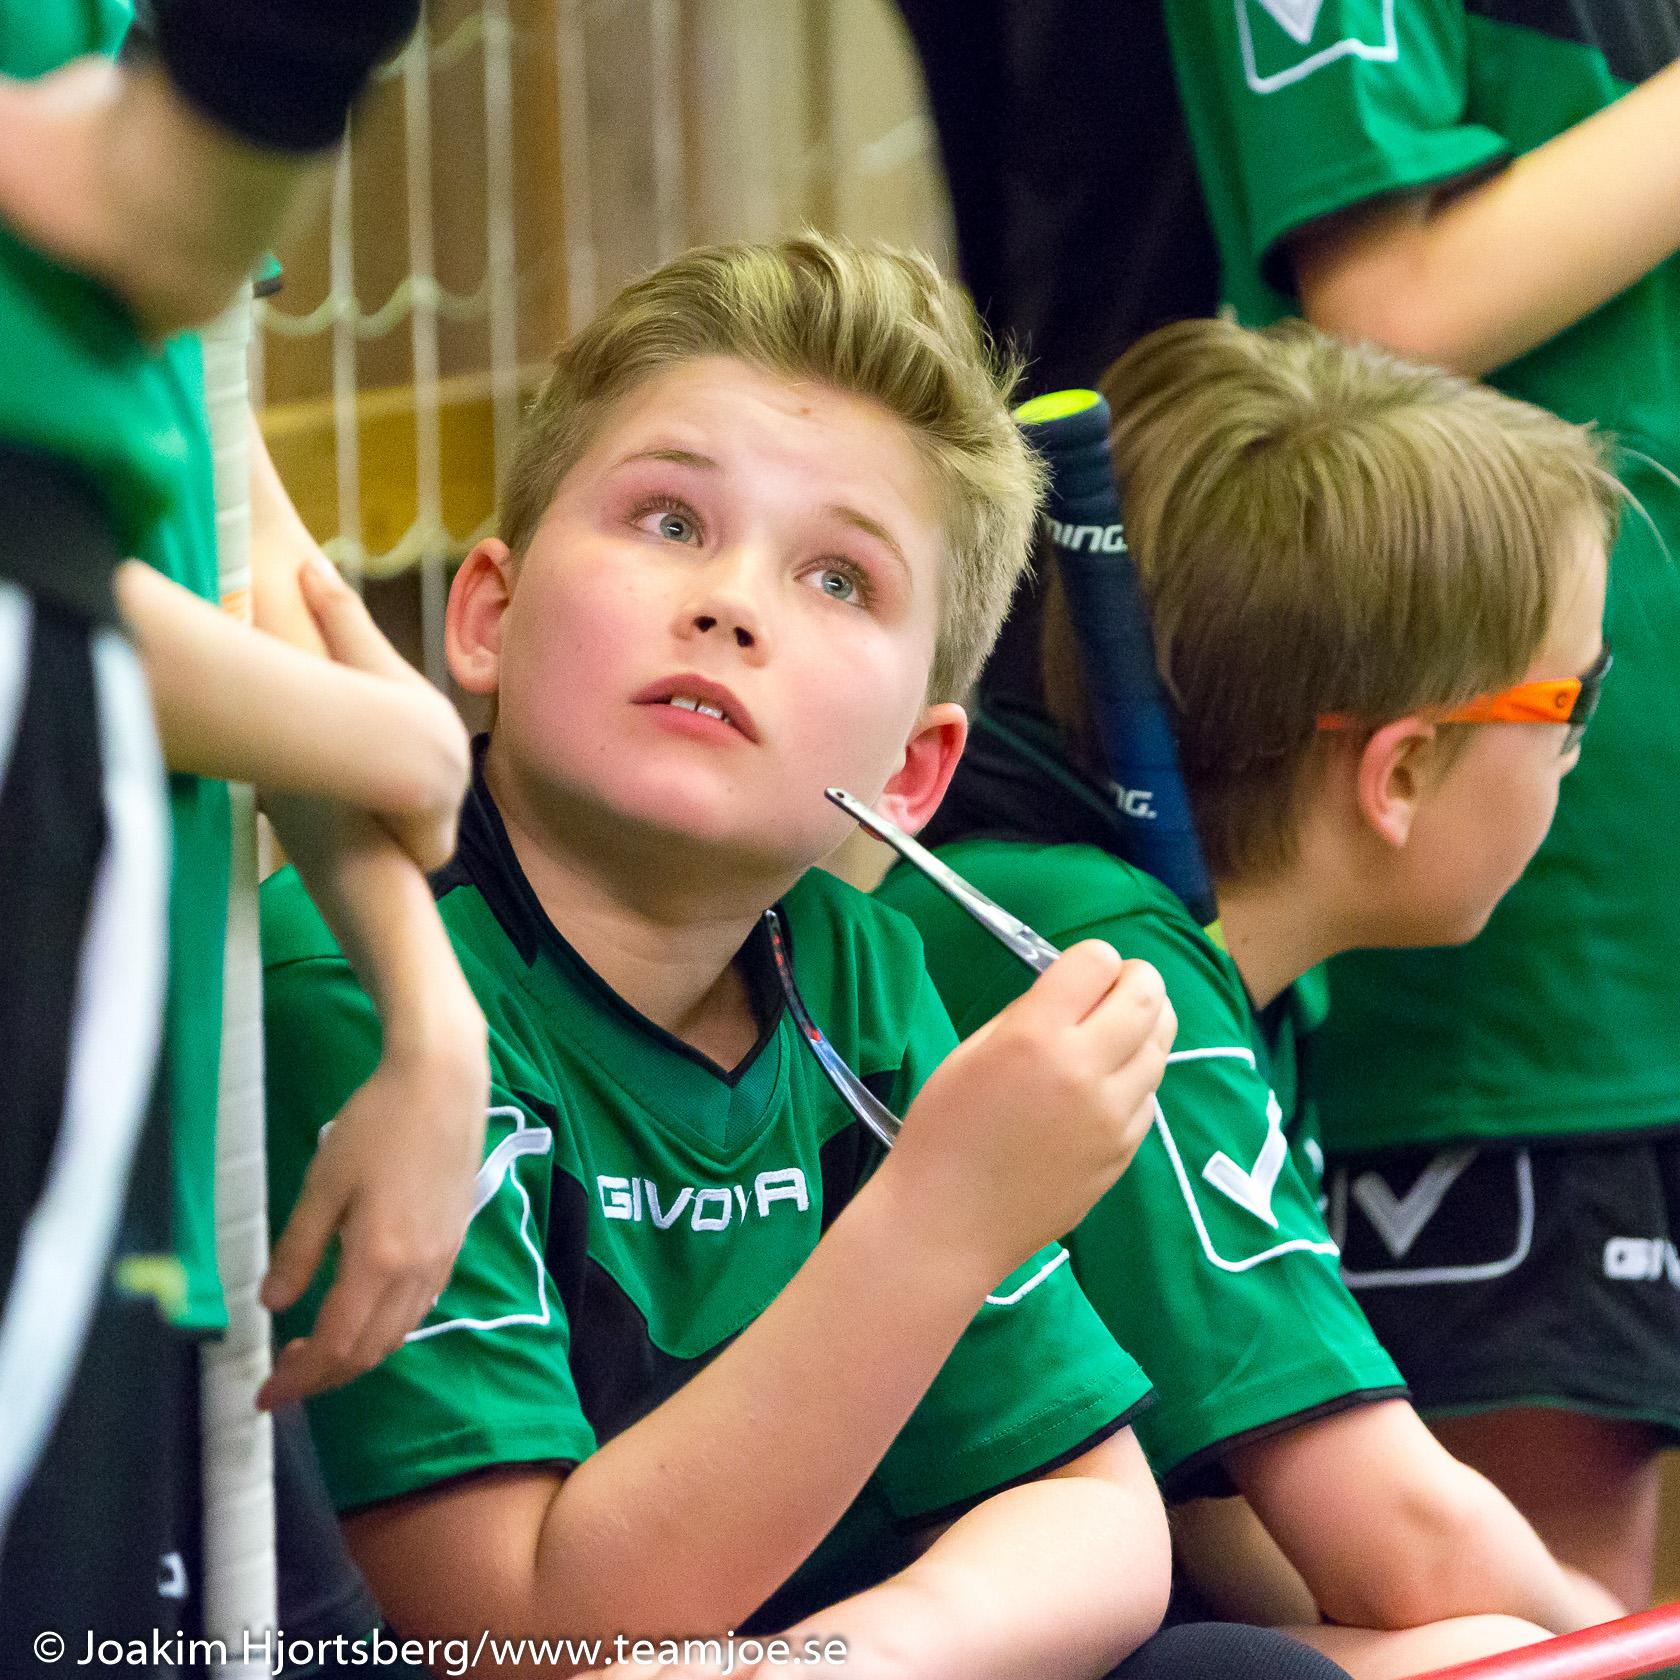 20160409_1659 Örebrocupen